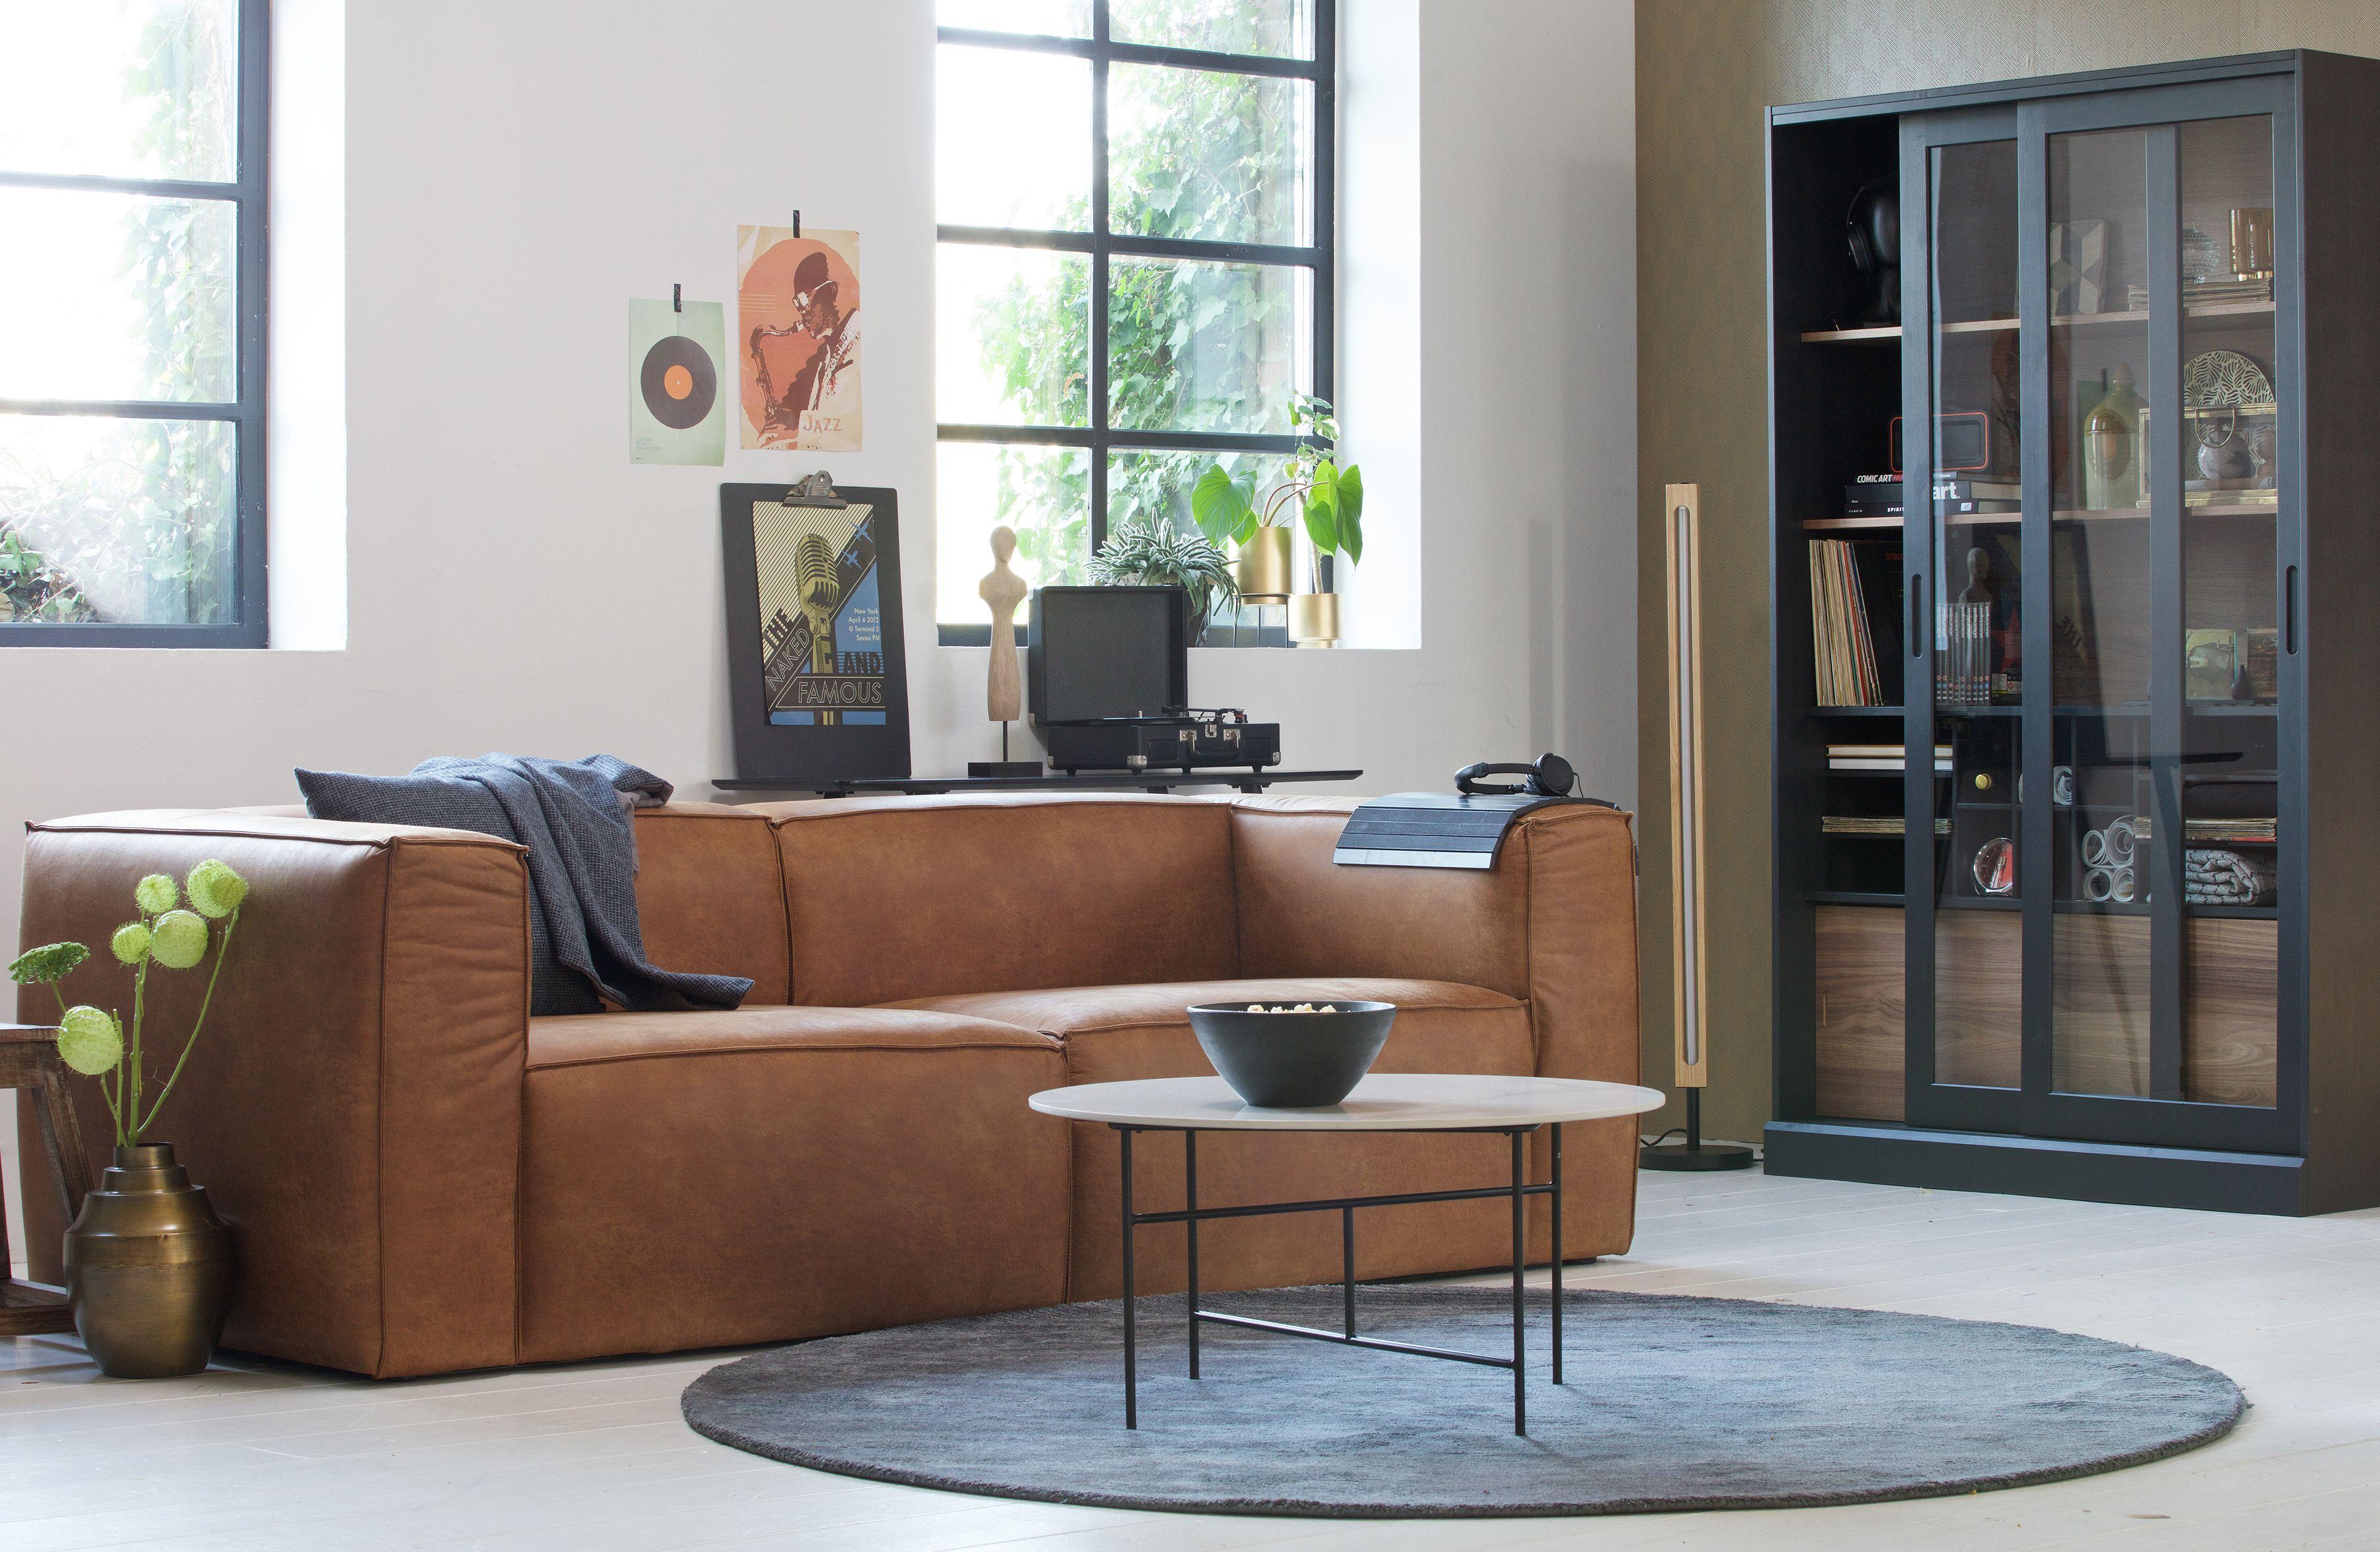 Woood 3 5 Sitzer Sofa Bean Cognac Recyceltes Leder Haus Deko Wohnzimmereinrichtung Wohnzimmer Inspiration